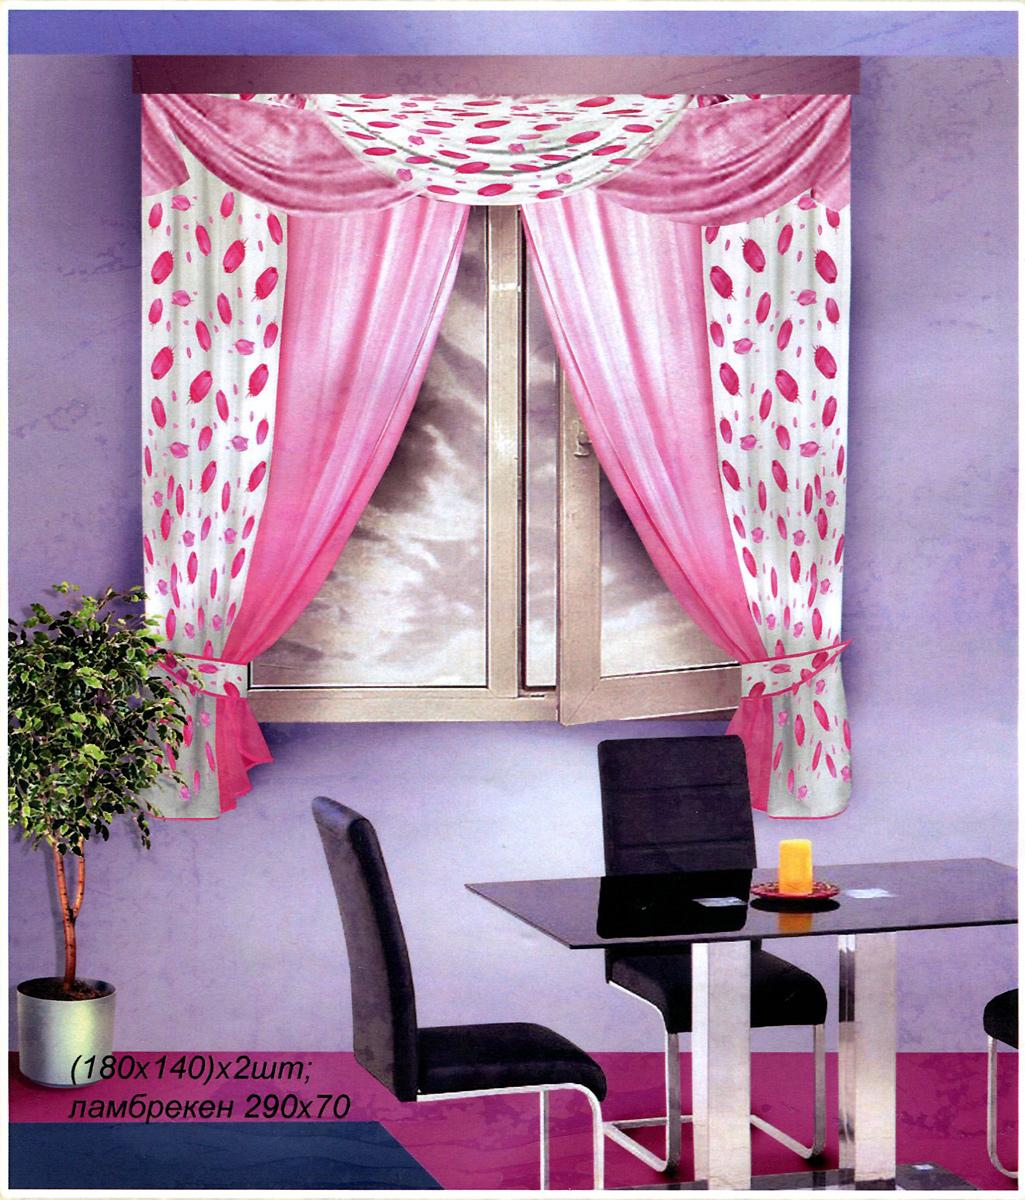 Комплект штор для кухни Zlata Korunka, на ленте, цвет: розовый, высота 180 см. Б0873037209Комплект штор Zlata Korunka, изготовленный из легкой и воздушной вуали, станет великолепным украшением кухонного окна. В комплект входят 2 шторы, ламбрекен и 2 подхвата. Шторы и ламбрекен выполнены из сшитых между собой полотен, полотна белого цвета украшены нежным цветочным рисунком. Для более изящного расположения на окне к комплекту прилагается 2 подхвата. Все элементы комплекта оснащены шторной лентой для красивой сборки. Оригинальный дизайн и приятная цветовая гамма привлекут к себе внимание и органично впишутся в интерьер.